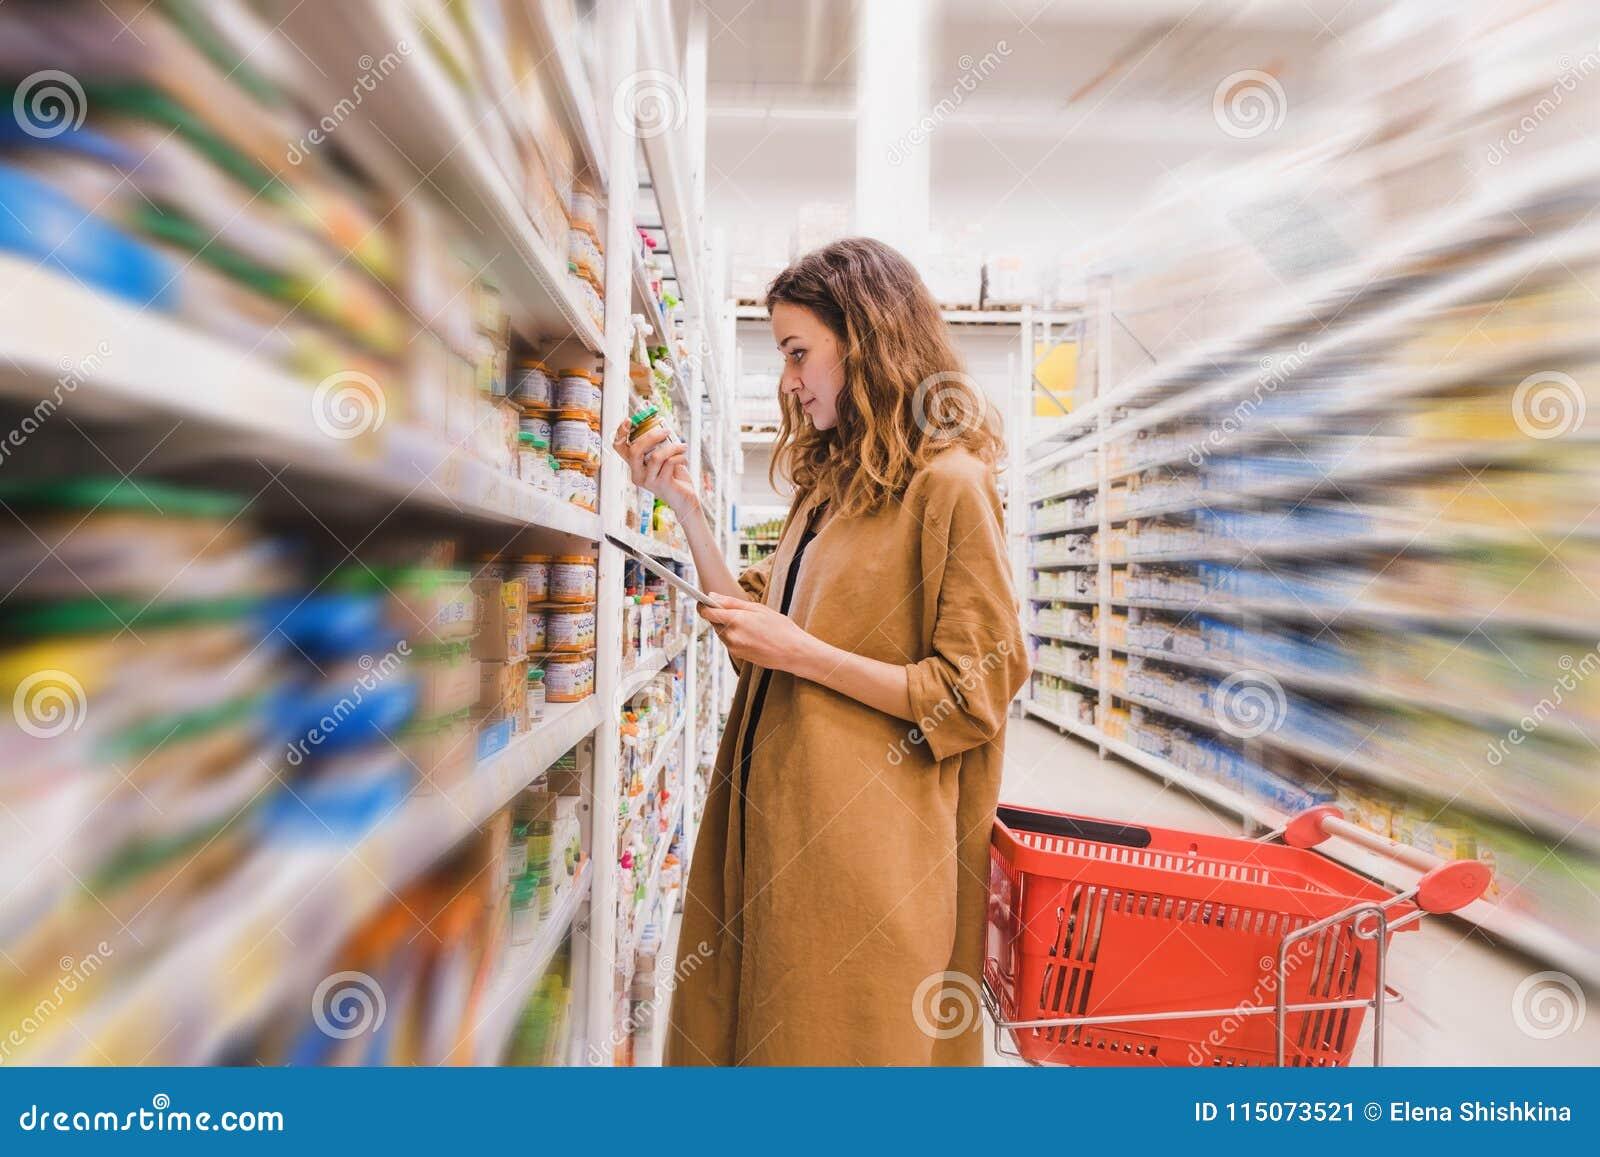 La mujer hermosa joven con una tableta escoge los alimentos para niños en un supermercado, fondo borroso